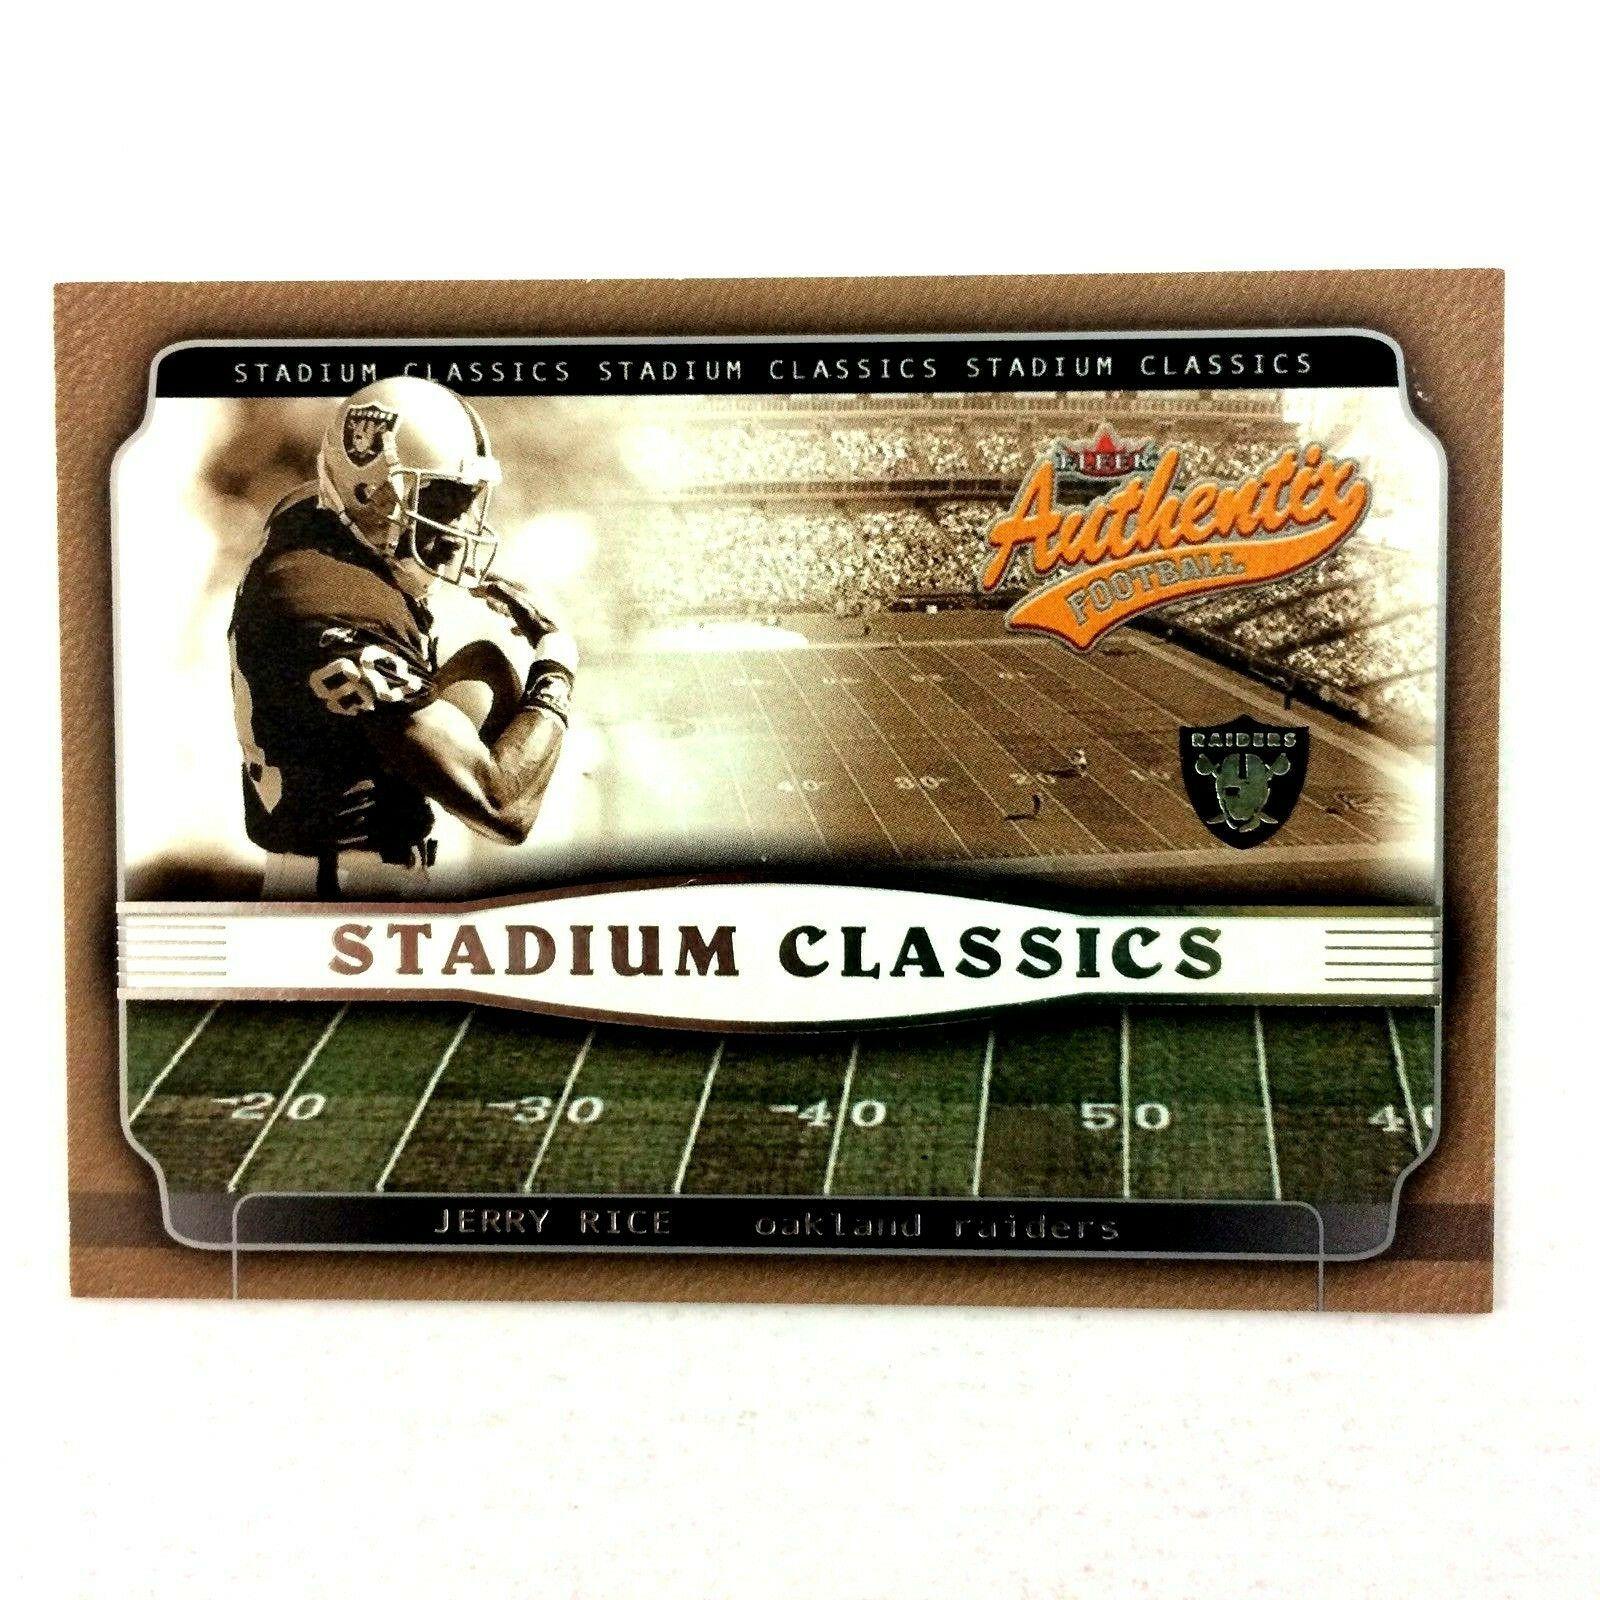 Jerry Rice 2002 Fleer Authentic Stadium Classics Insert #8 NFL HOF Raiders - $3.91